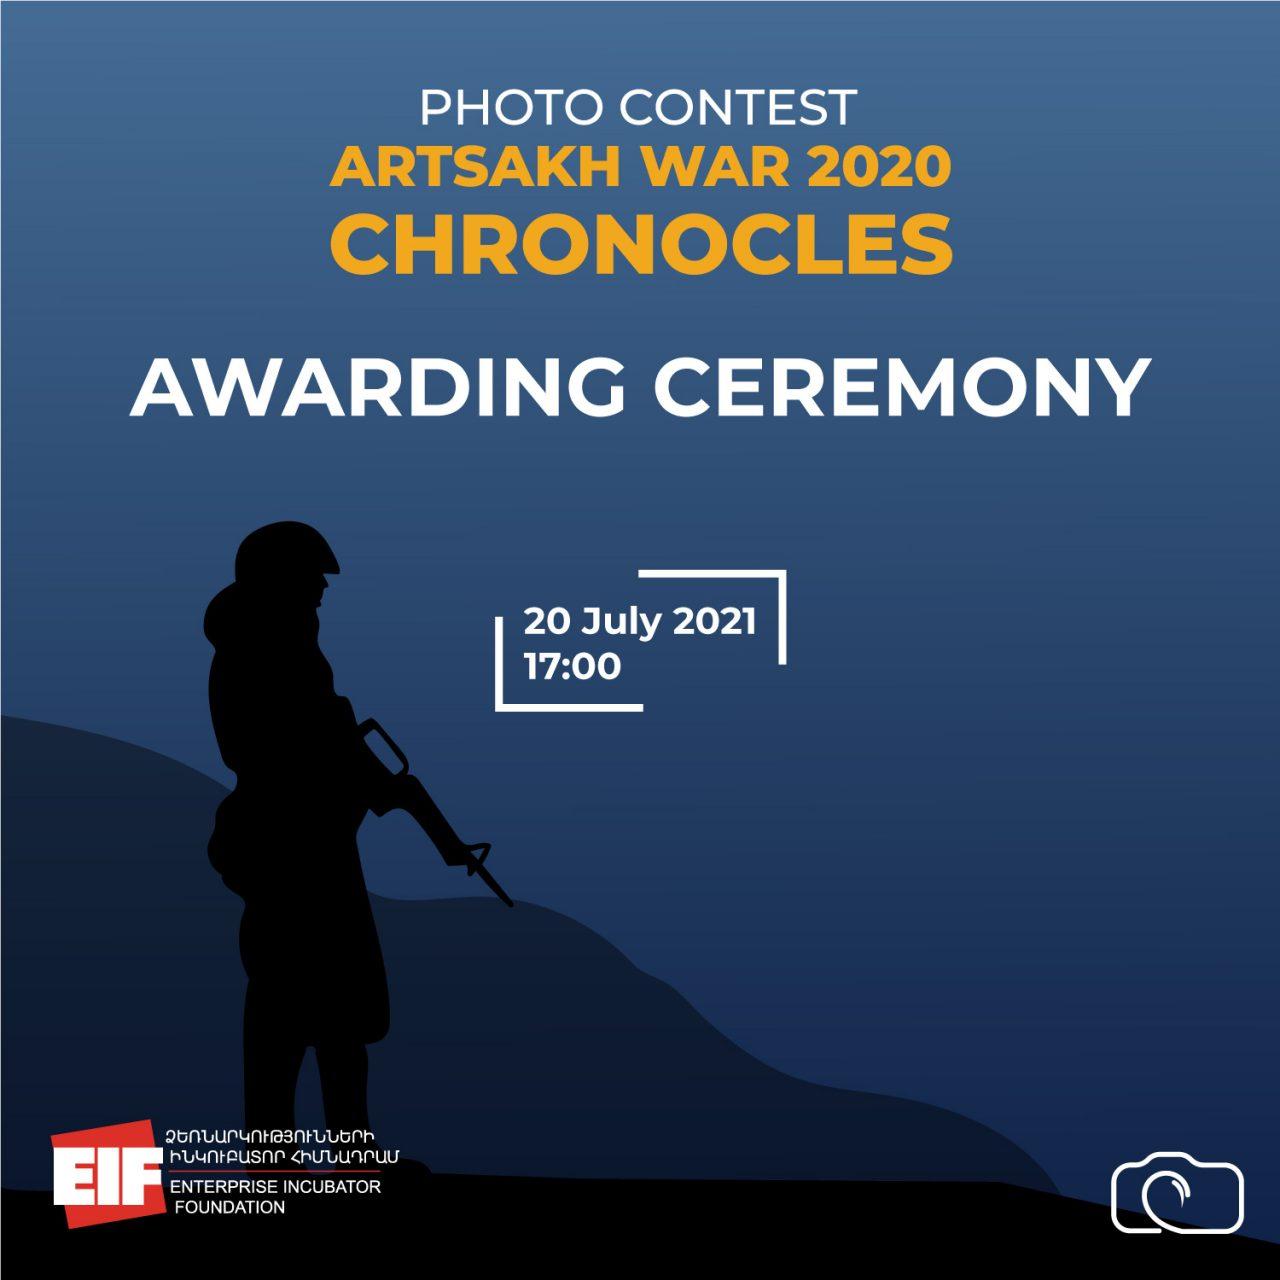 Այսօր տեղի կունենա «Արցախյան պատերազմ 2020 ՏԱՐԵԳՐՈՒԹՅՈՒՆ» մրցույթի մրցանակաբաշխությունը